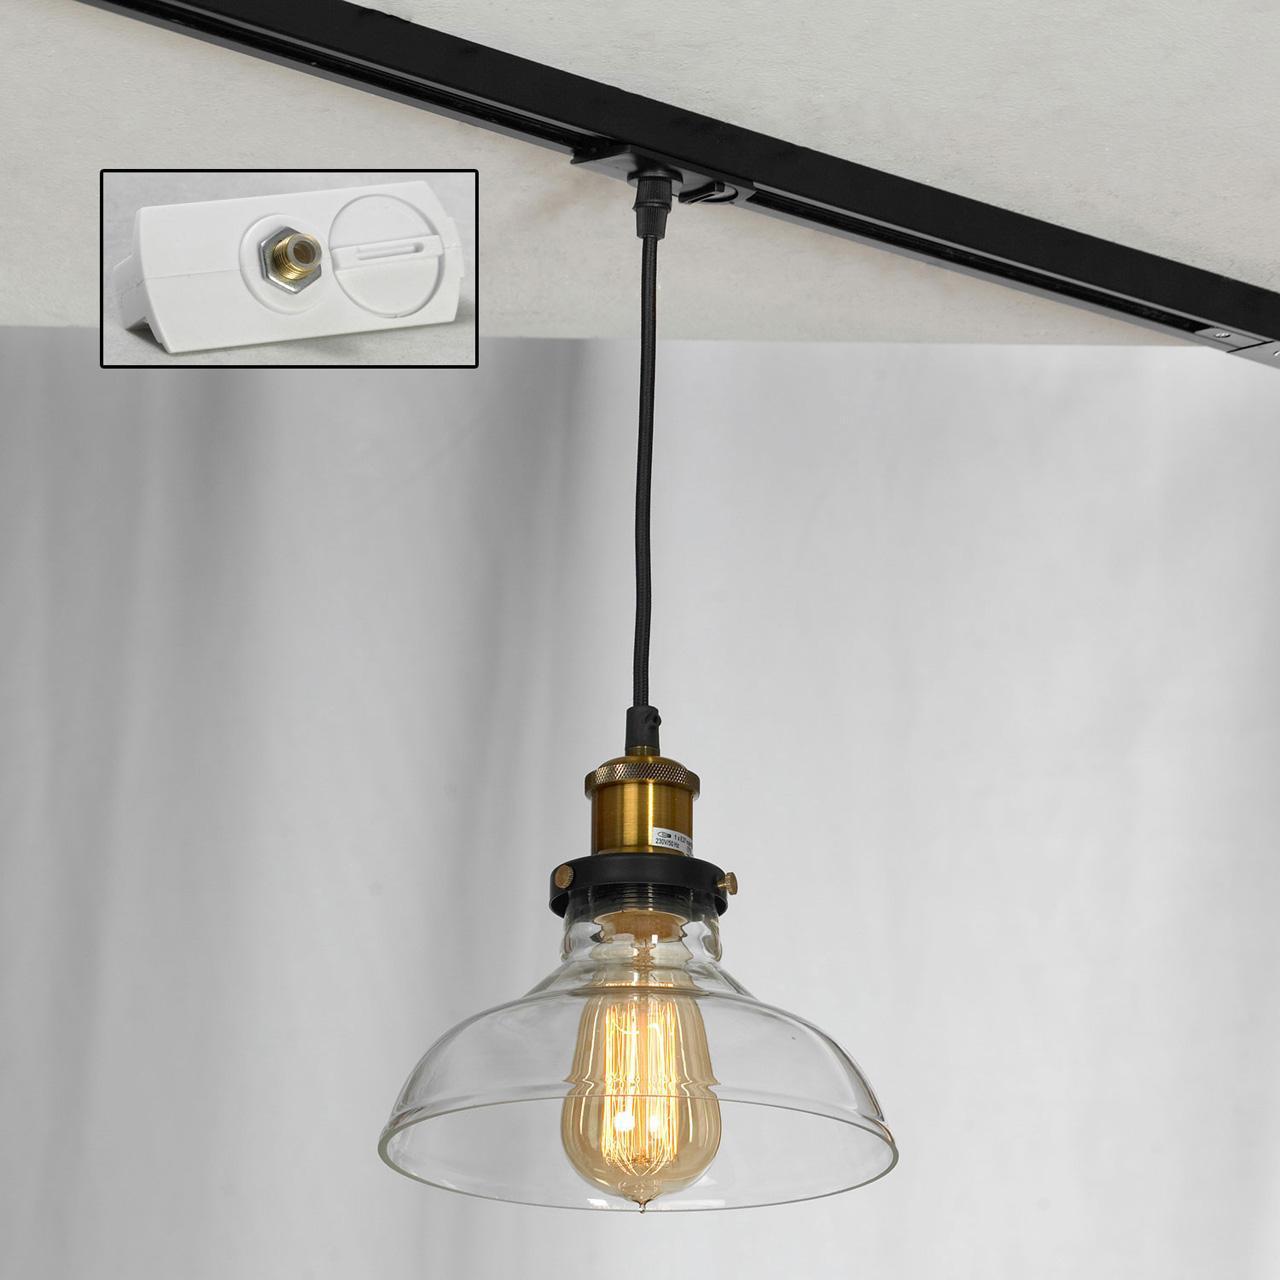 Фото - Трековый светильник однофазный Lussole LOFT Track Lights LSP-9606-TAW потолочный светильник lussole lsp 9606